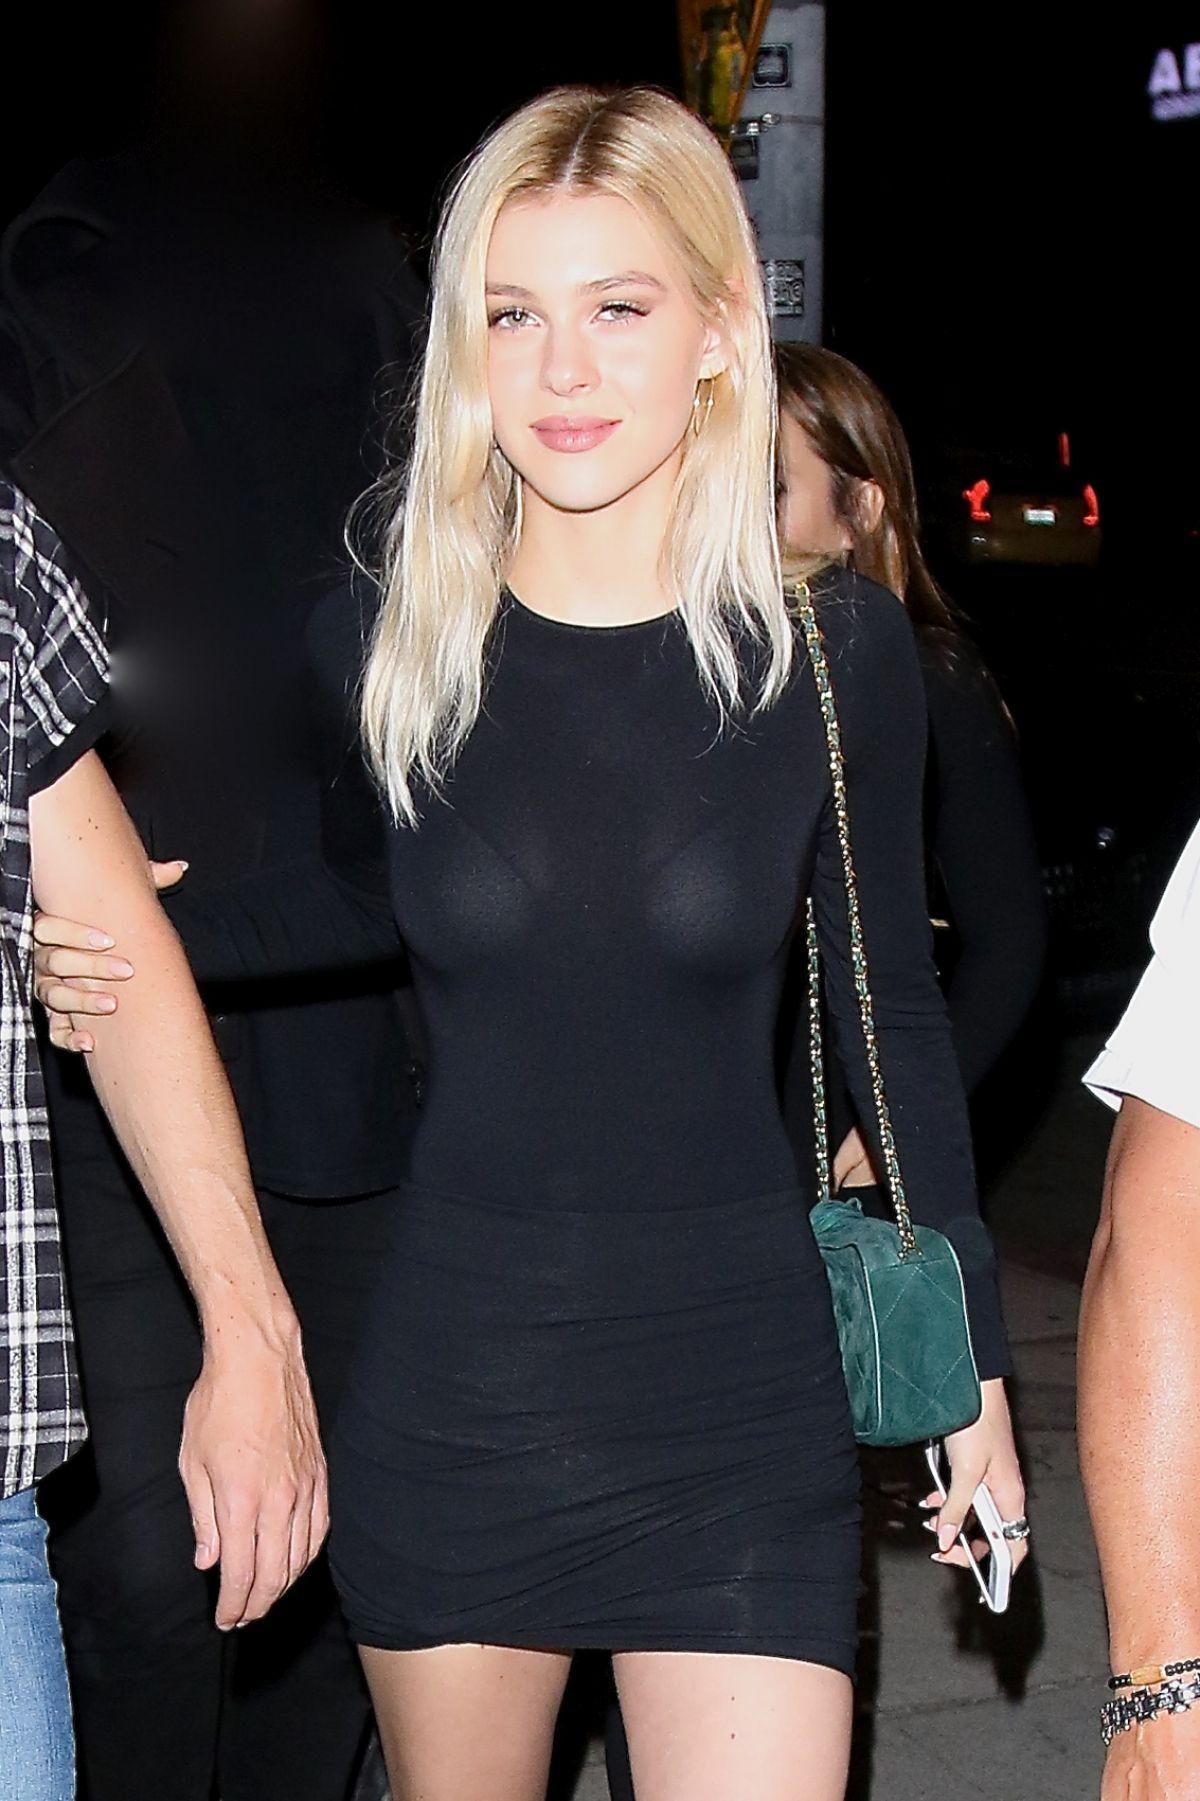 NICOLA PELTZ at Nice Guy in West Hollywood 09/23/2016